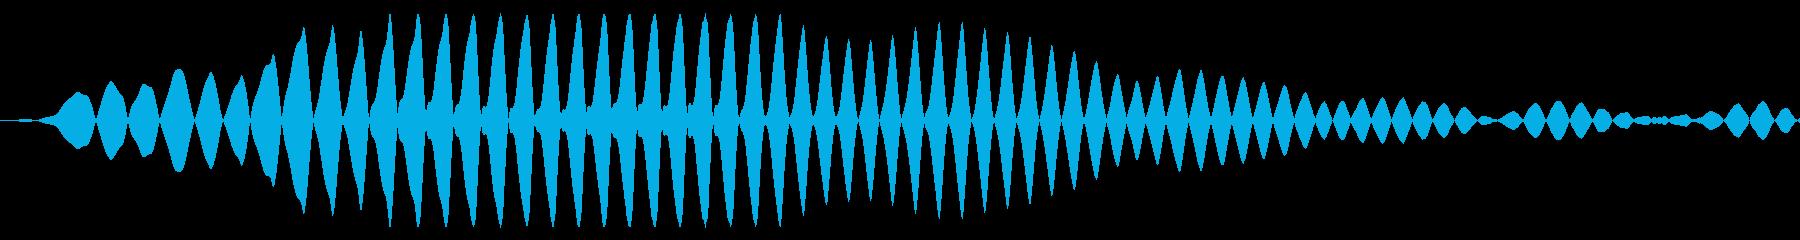 コミカルな選択・カーソル移動・決定音の再生済みの波形